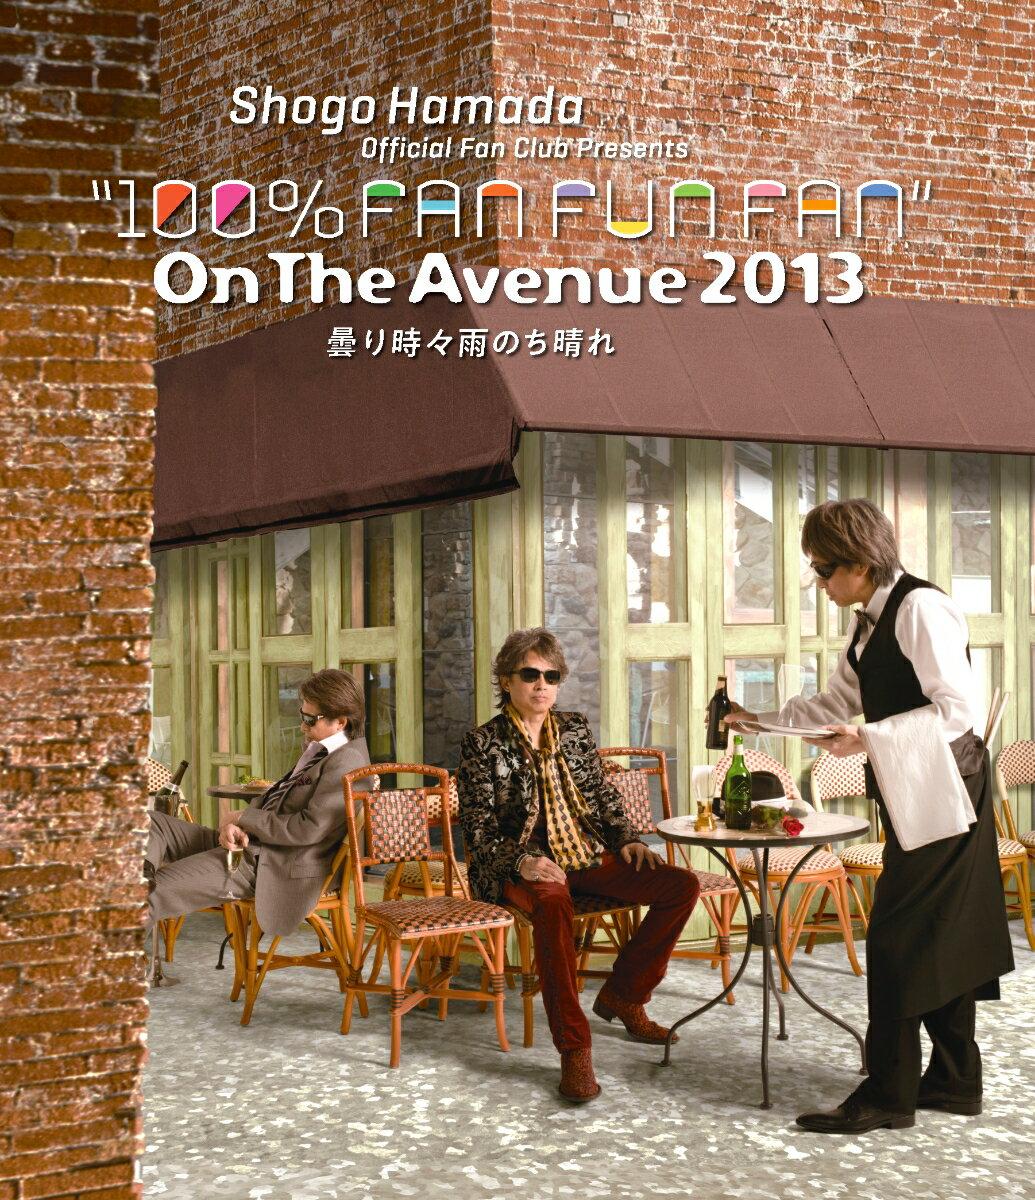 ON THE AVENUE 2013「曇り時々雨のち晴れ」【通常盤】【Blu-ray】